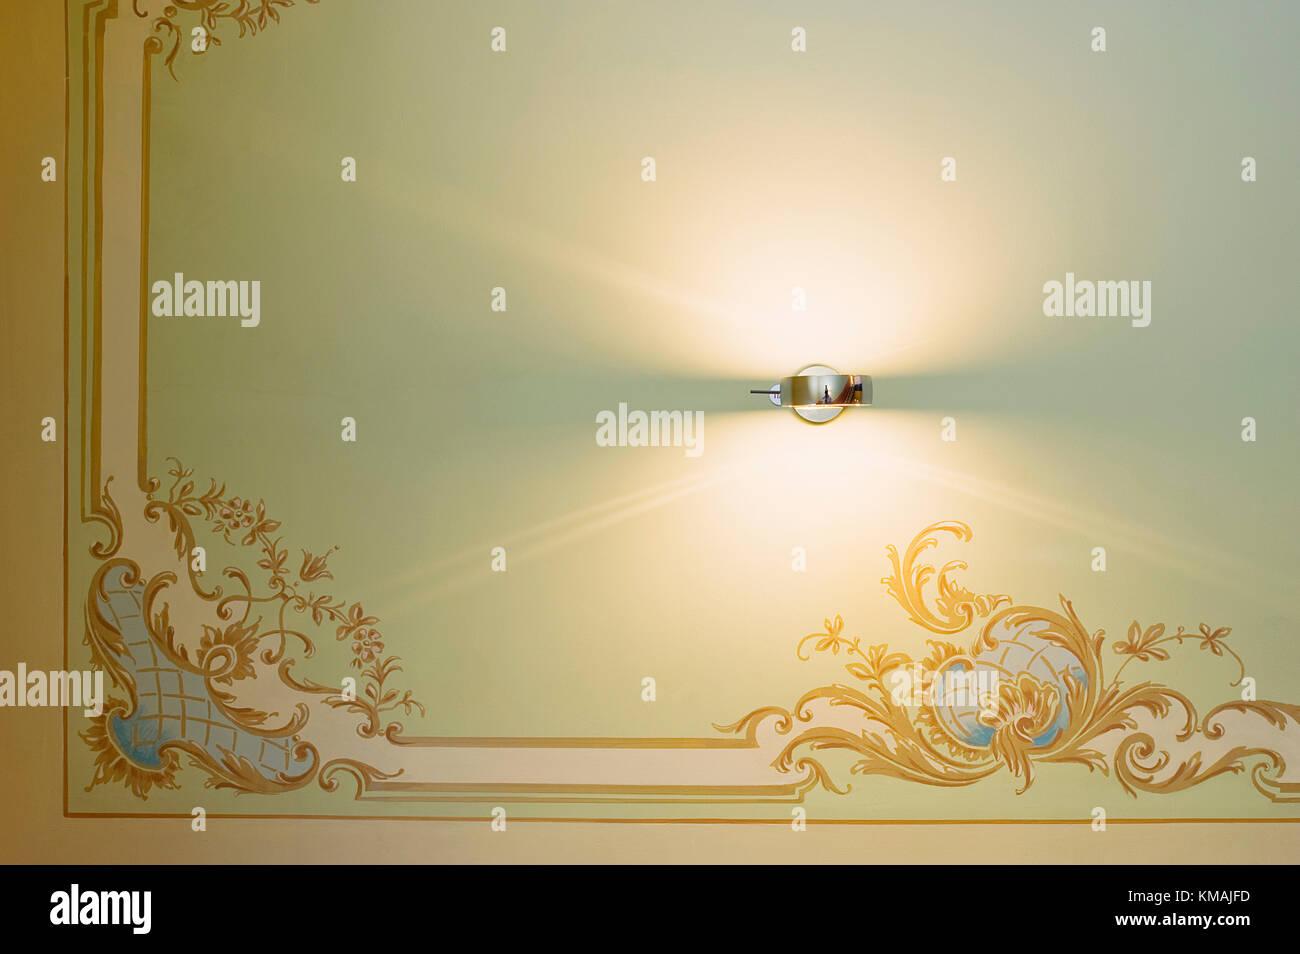 Wand, Dekoration, Gemälde, historisch, innen, Haus, Tradition, Oldenburg, Firma, Leuchte, Treppe, Ornament - Stock Image